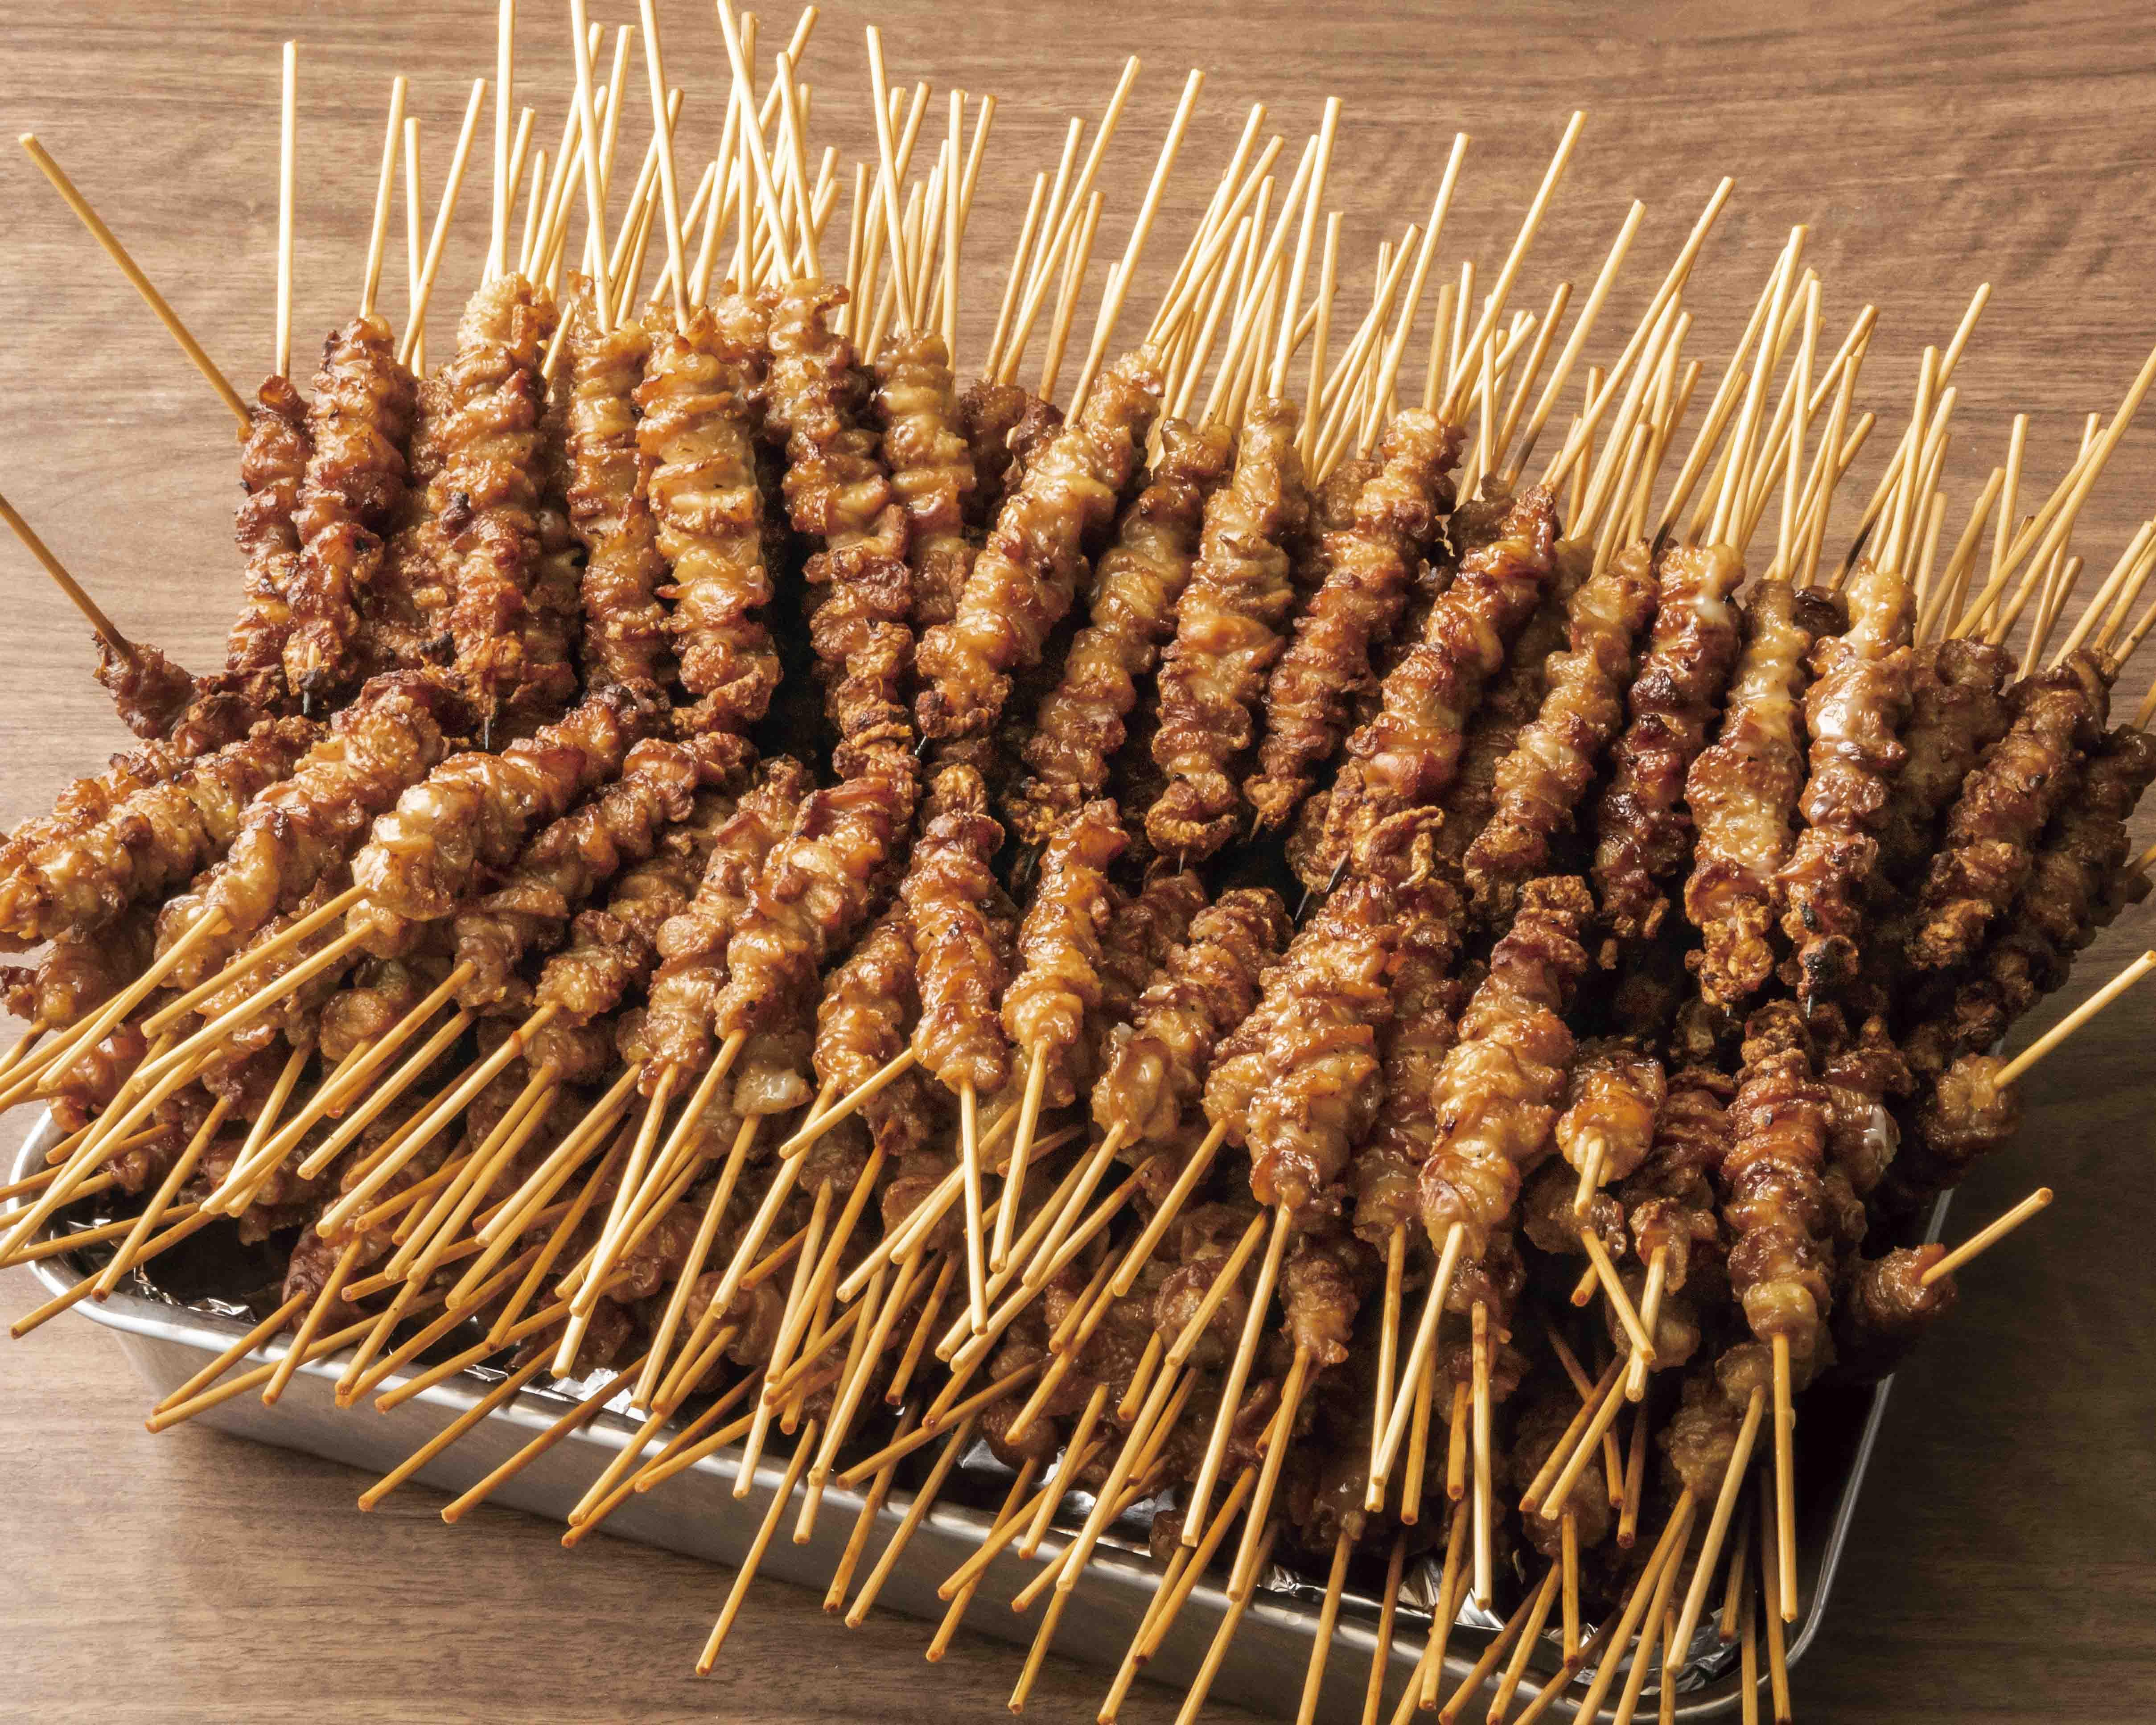 九州出身者は必ず知ってる?!お一人様10本は当たり前!博多のソウルフード『博多の皮串』ご提供開始。